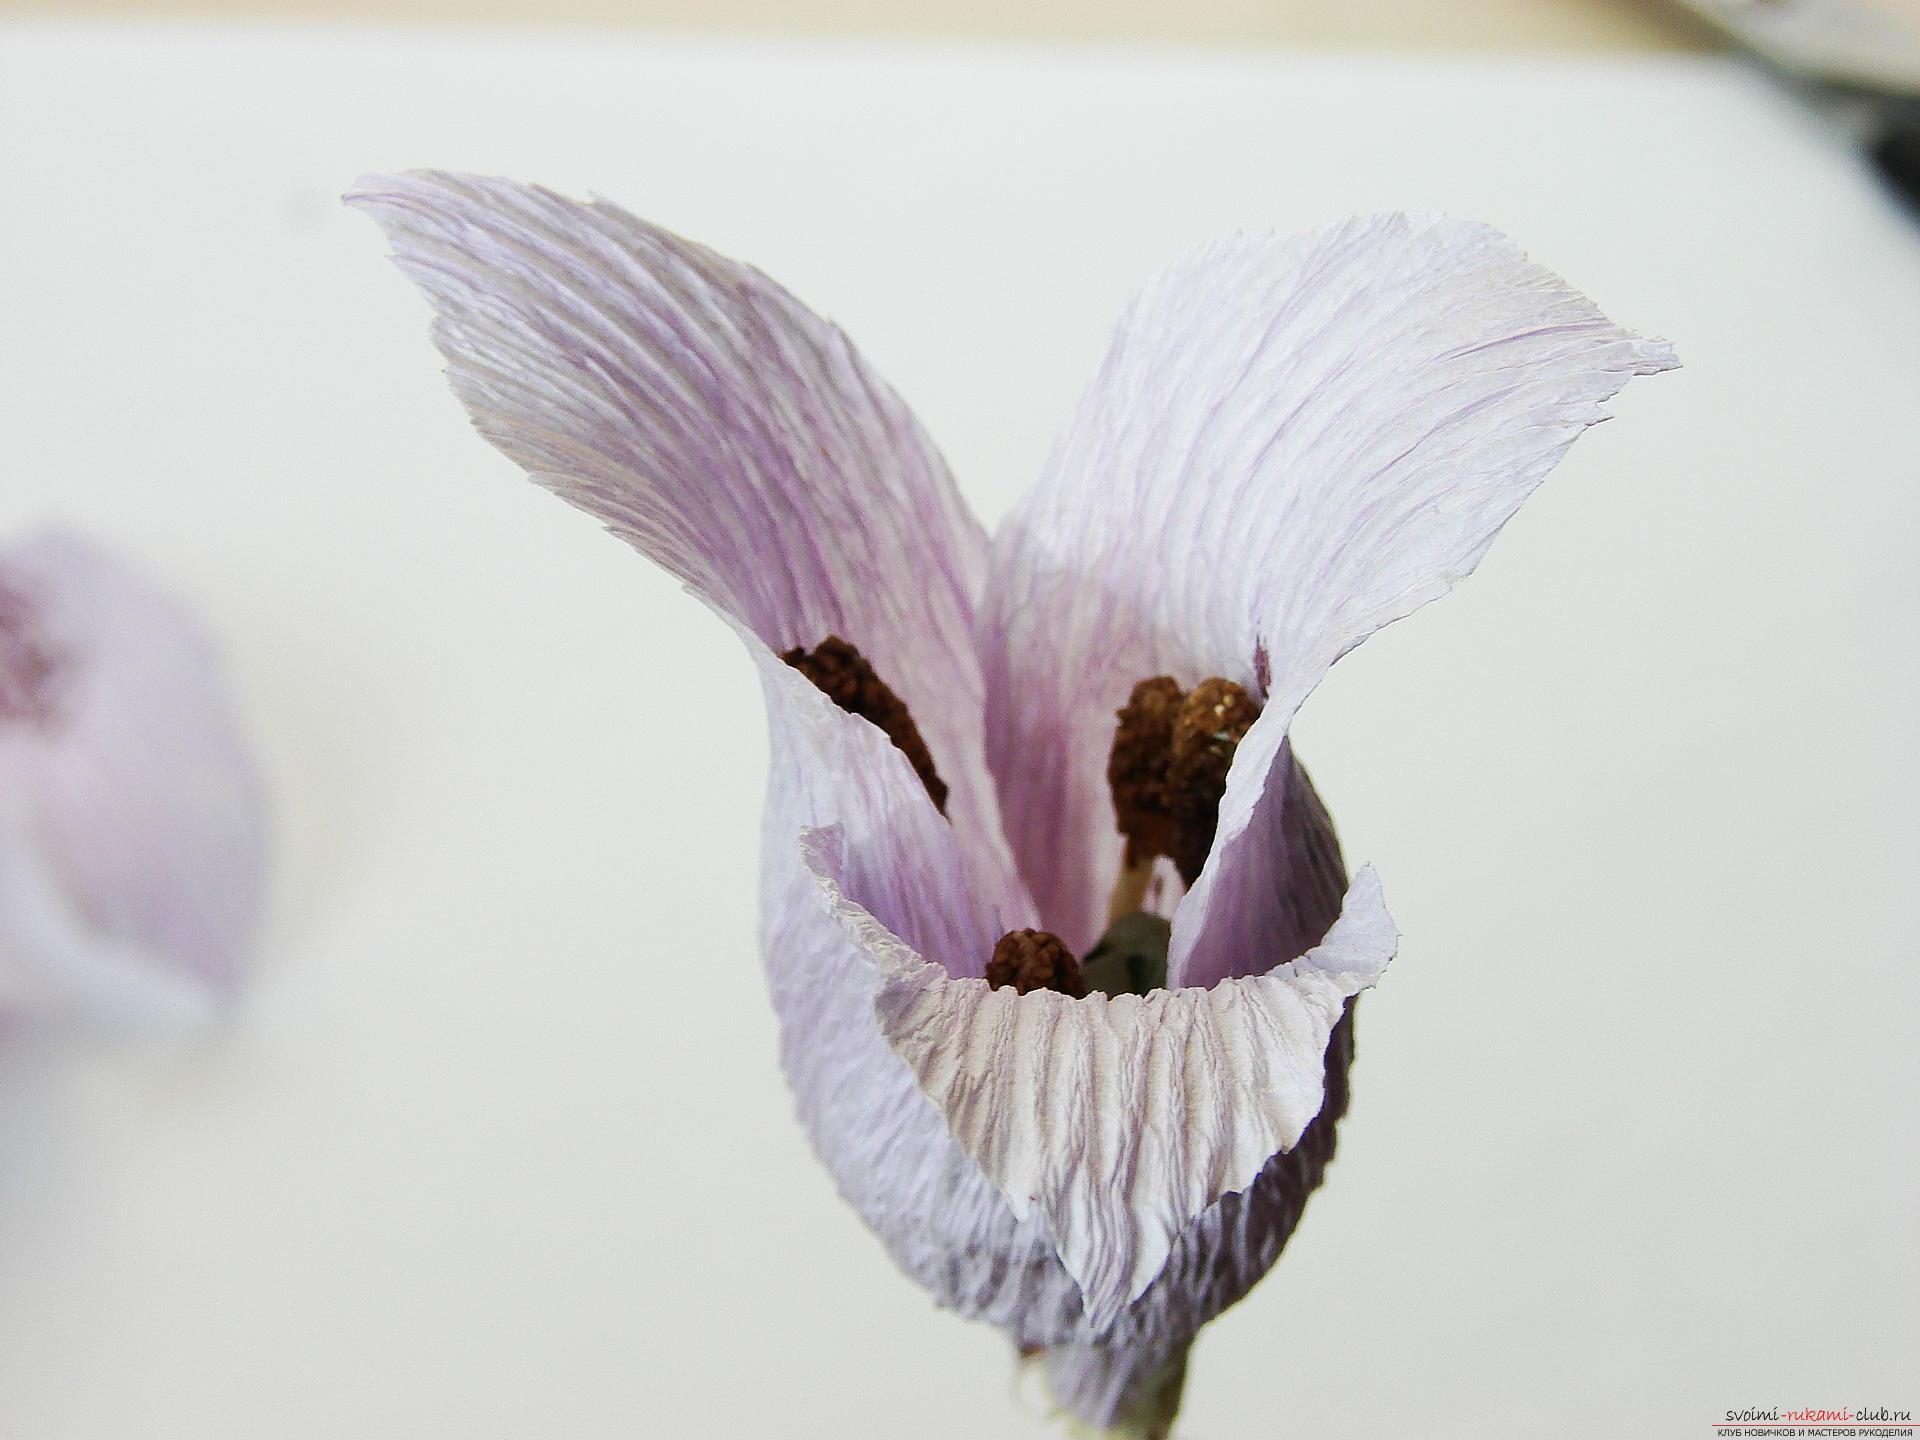 Мастер-класс научит как сделать гофрированные цветы своими руками – лилии из гофрированной бумаги.. Фото №30